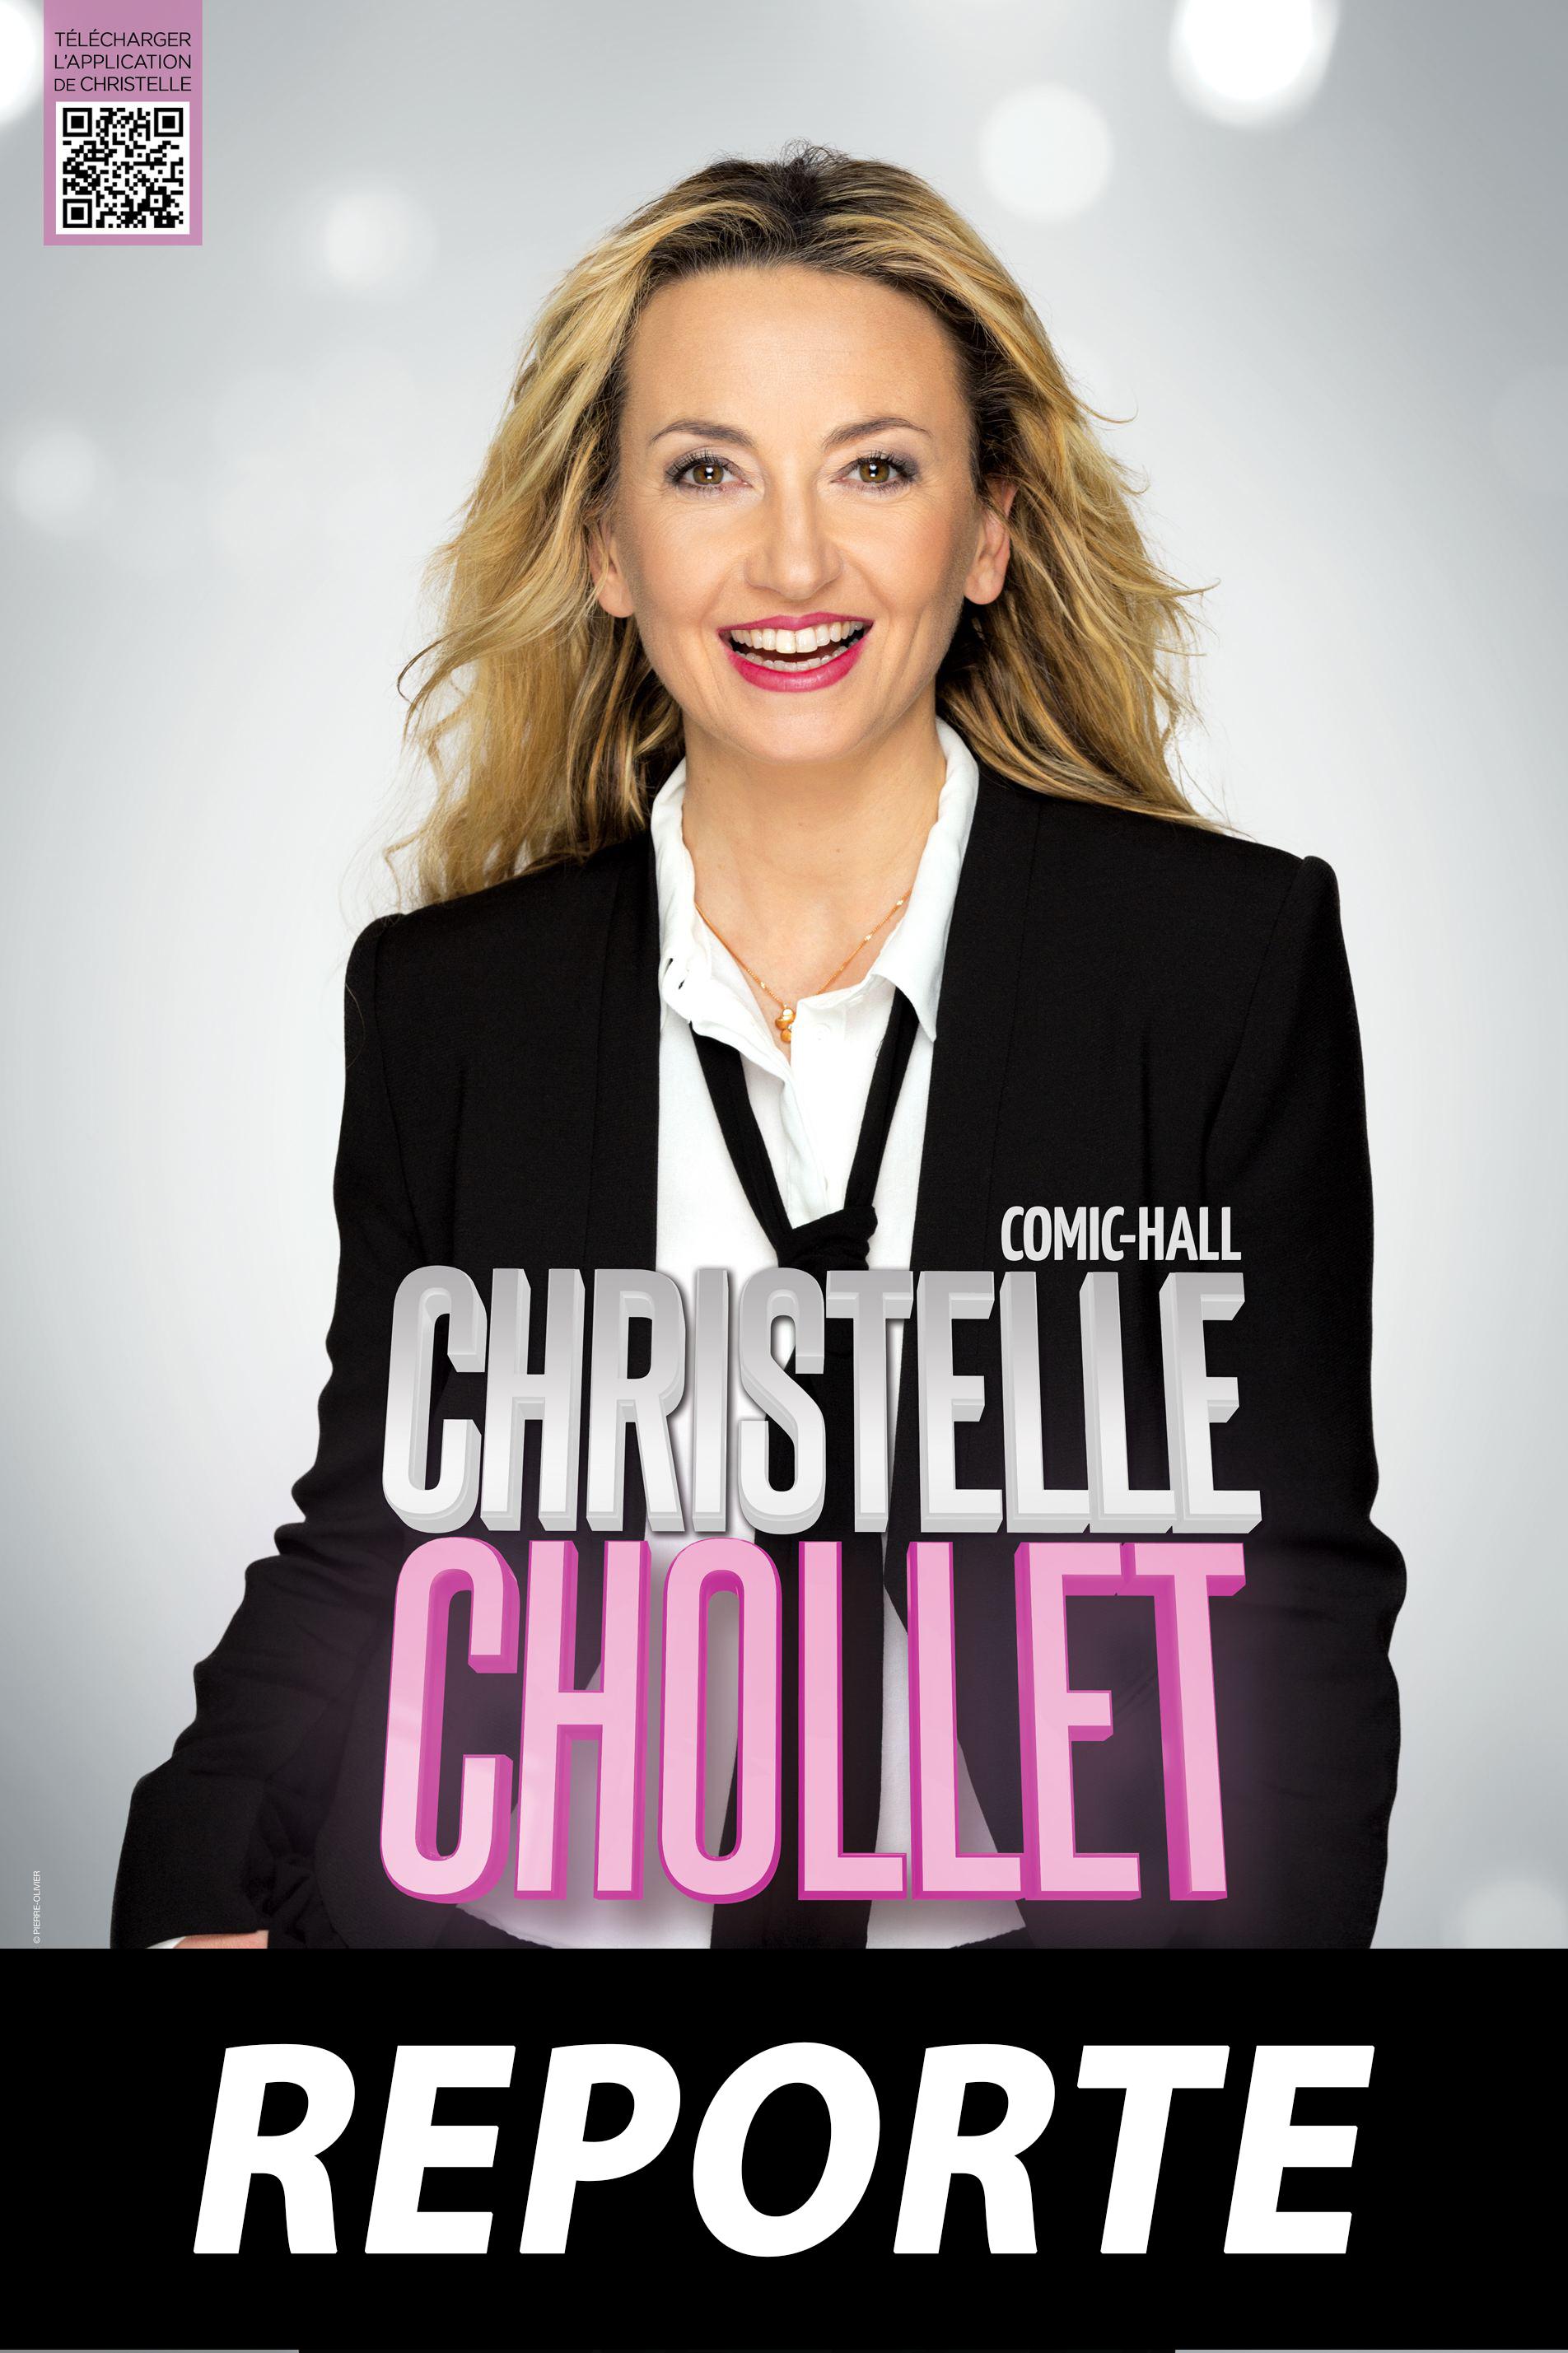 CHRISTELLE CHOLLET - Reporté au 8 mars 2018